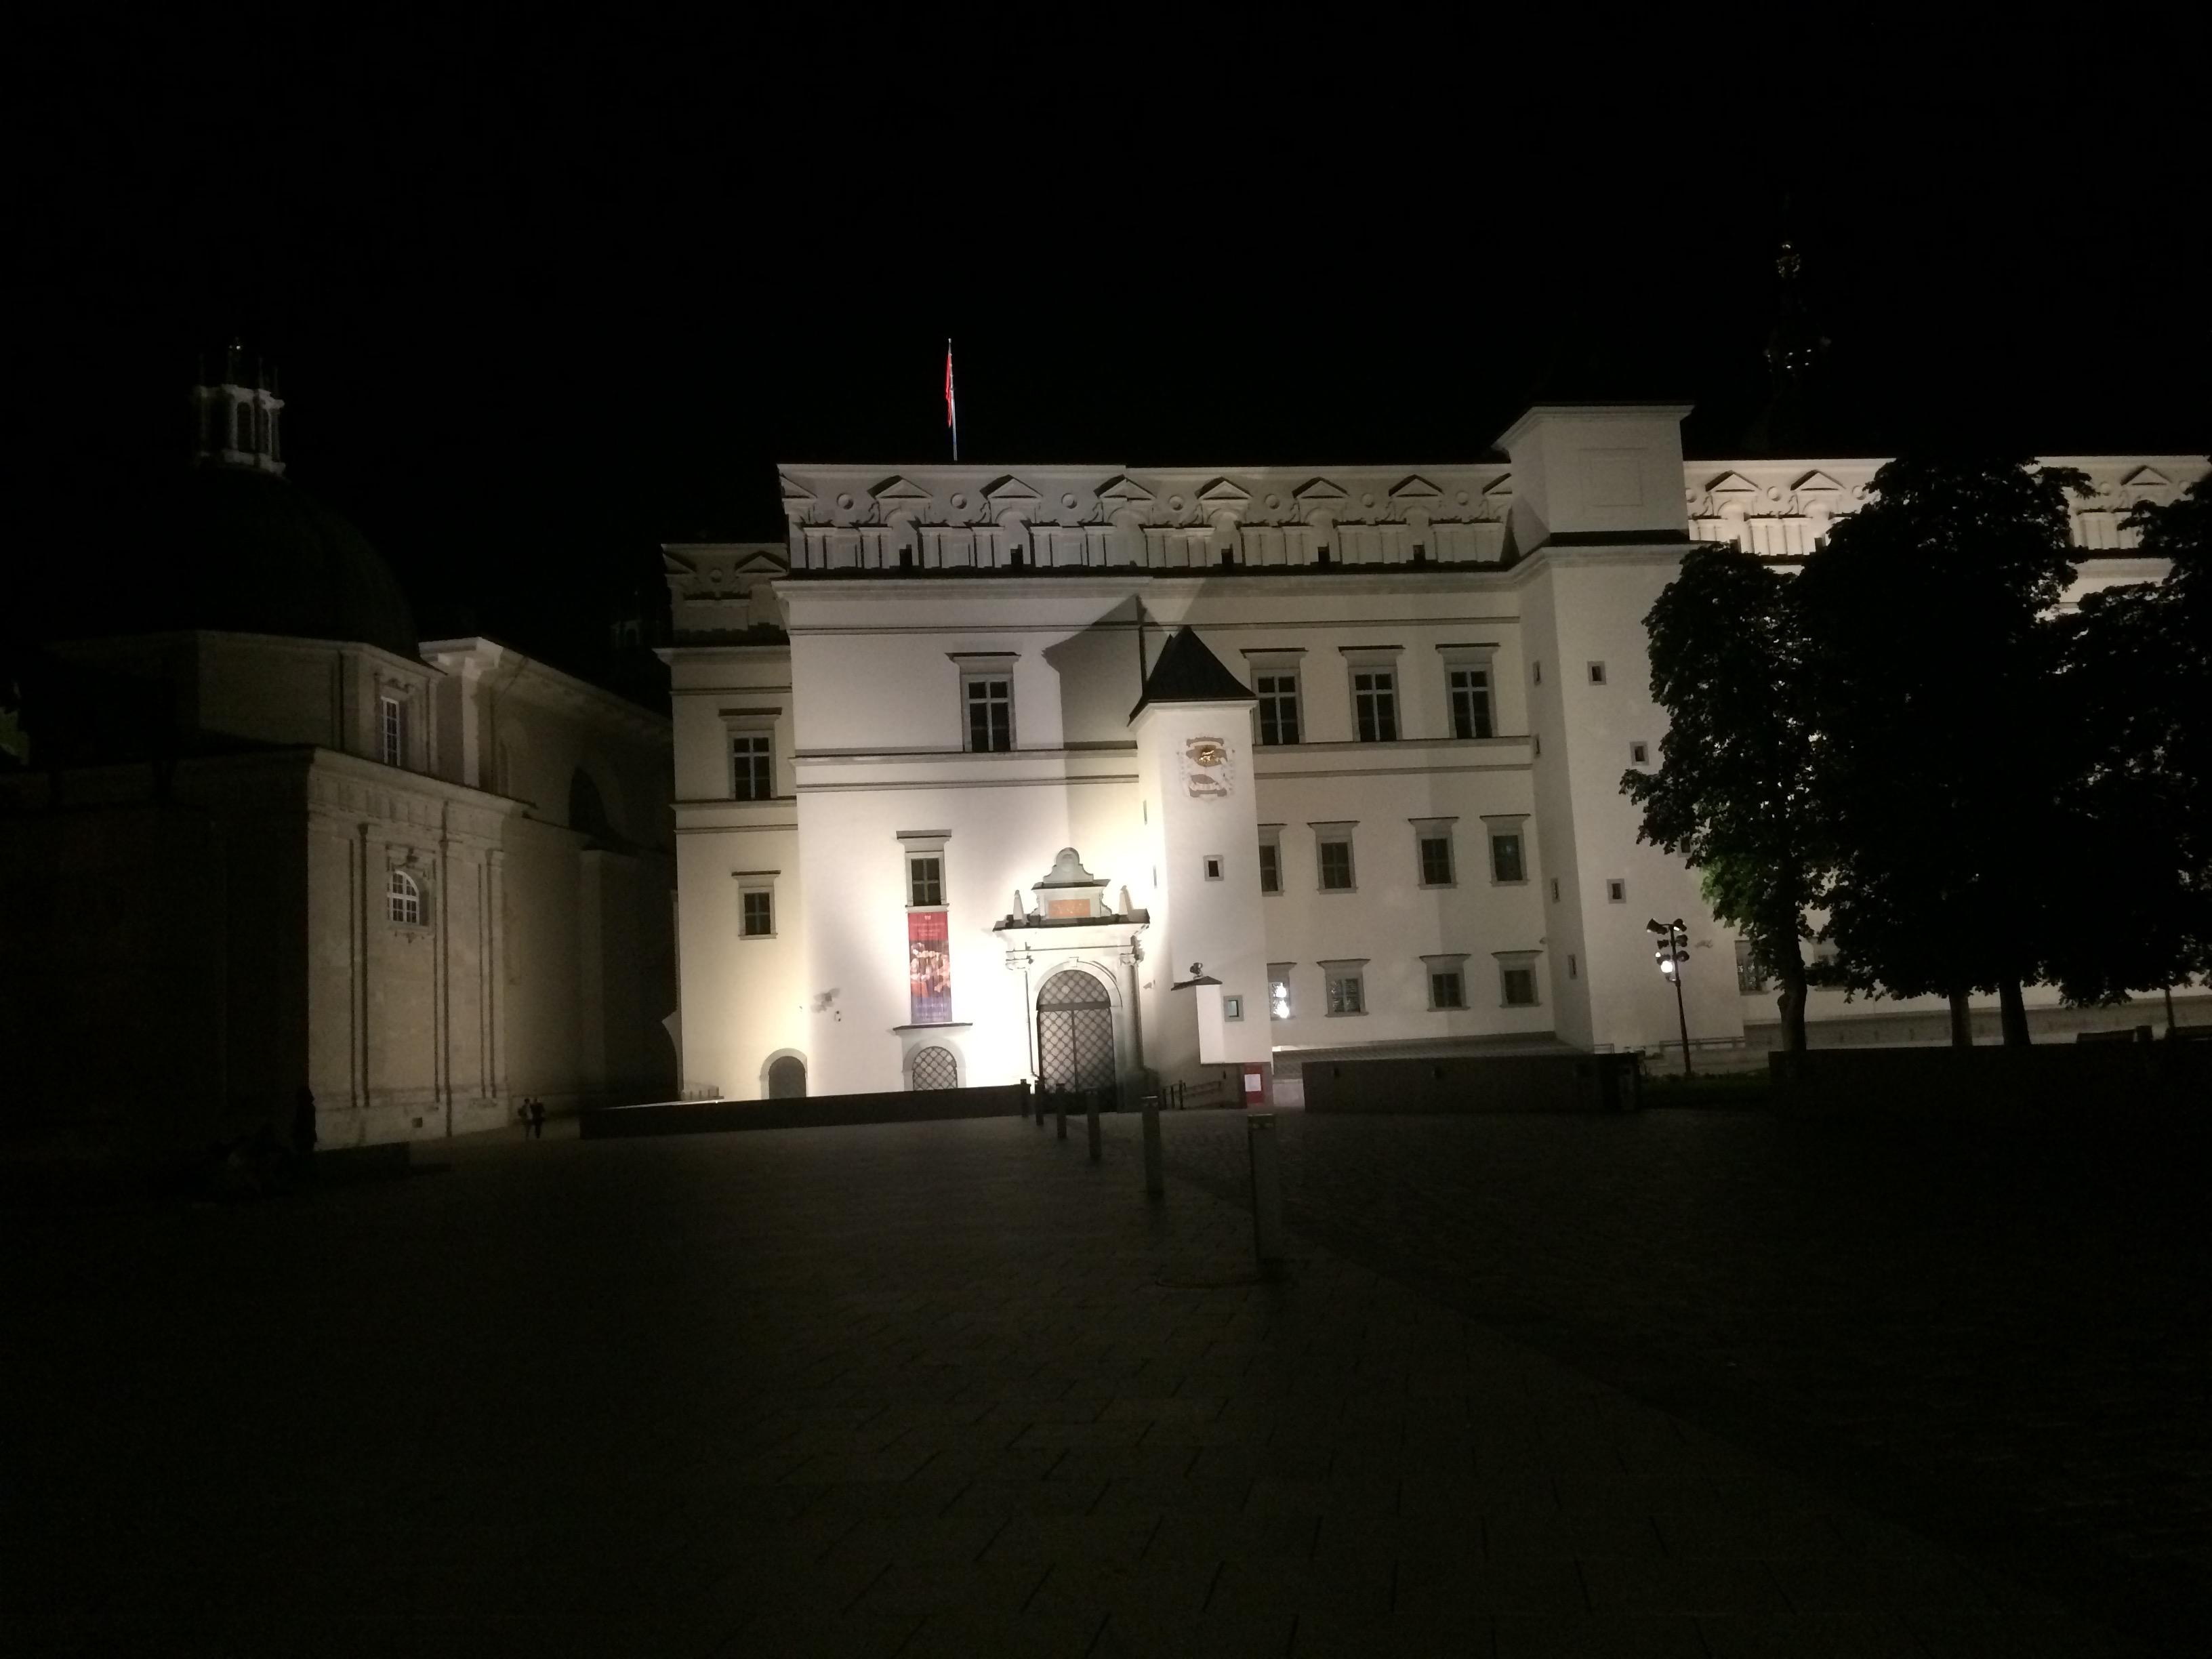 夜の宮廷博物館